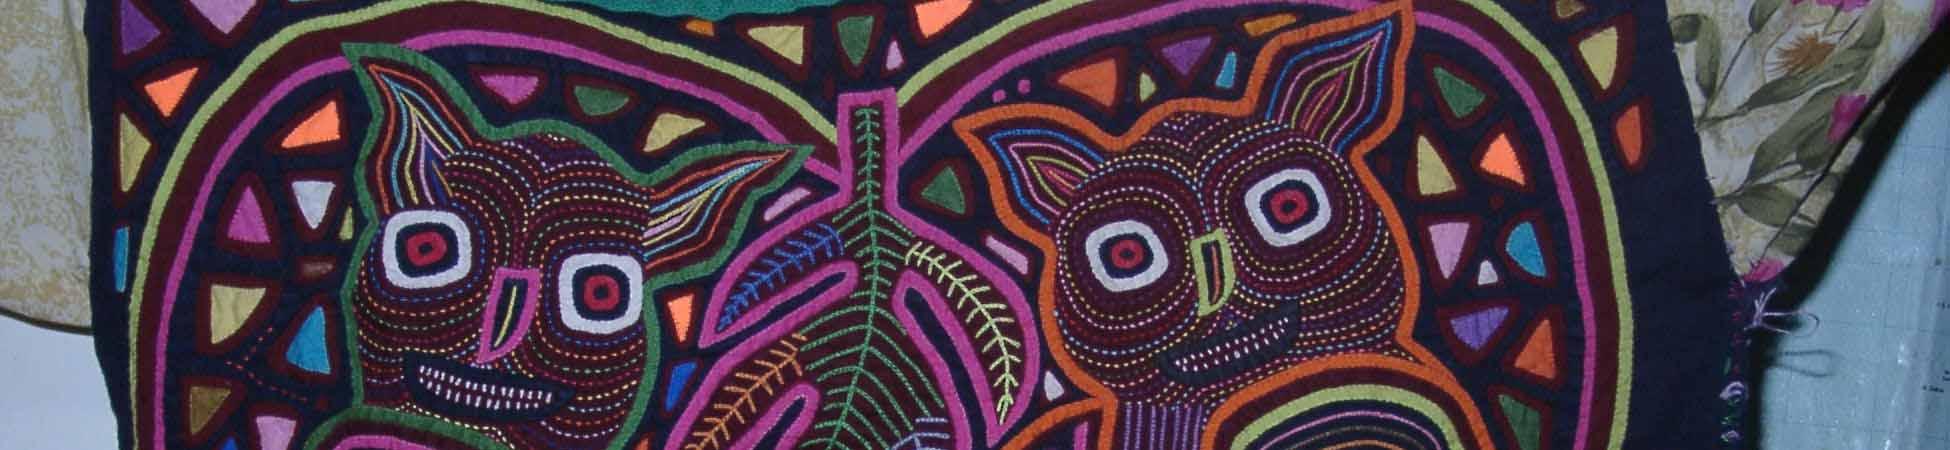 Panama Kulturreise Kunsthandwerk